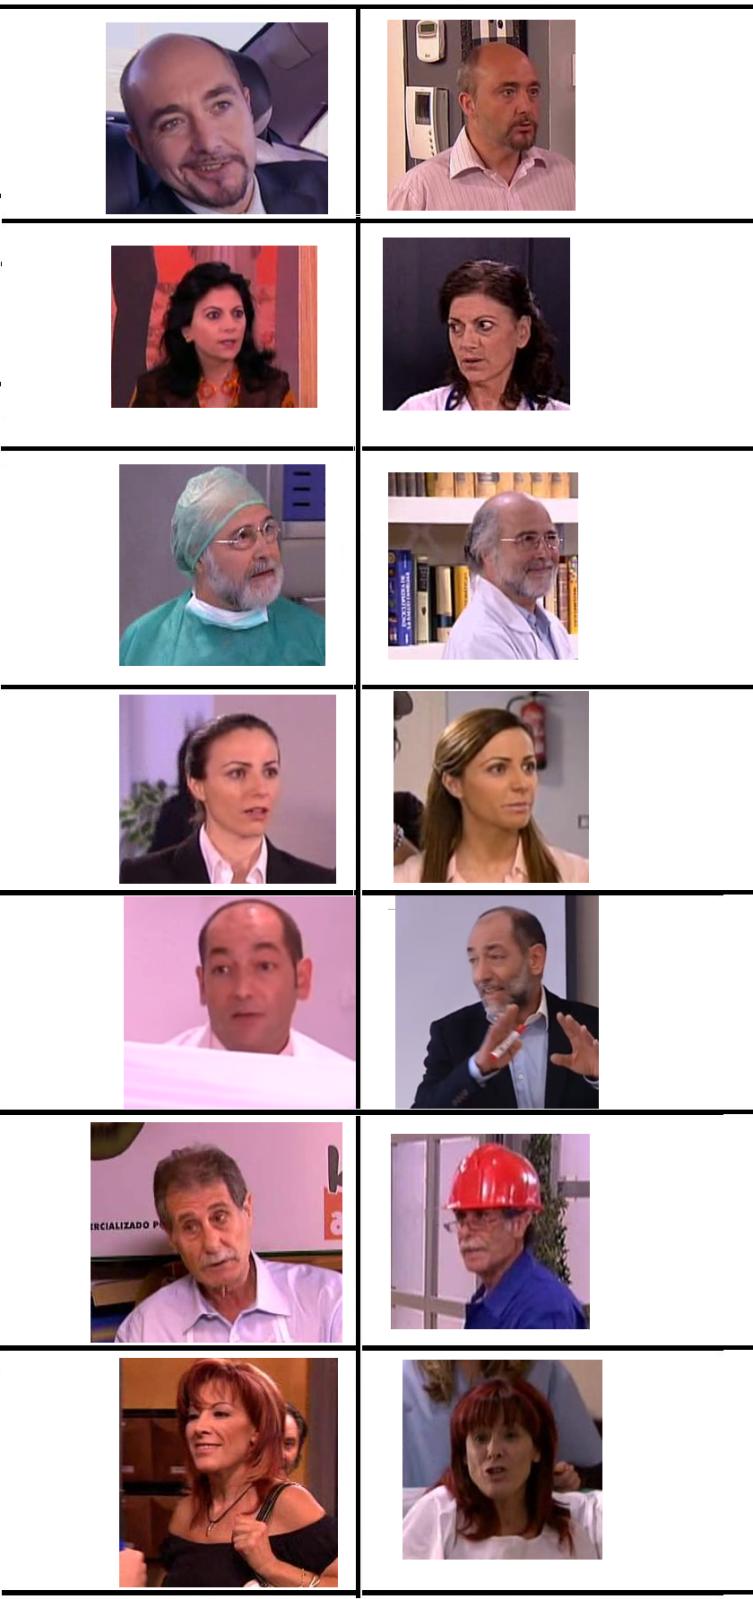 Actores La Que Se Avecina Porno 100 mejores im�genes actores porno especializados throat